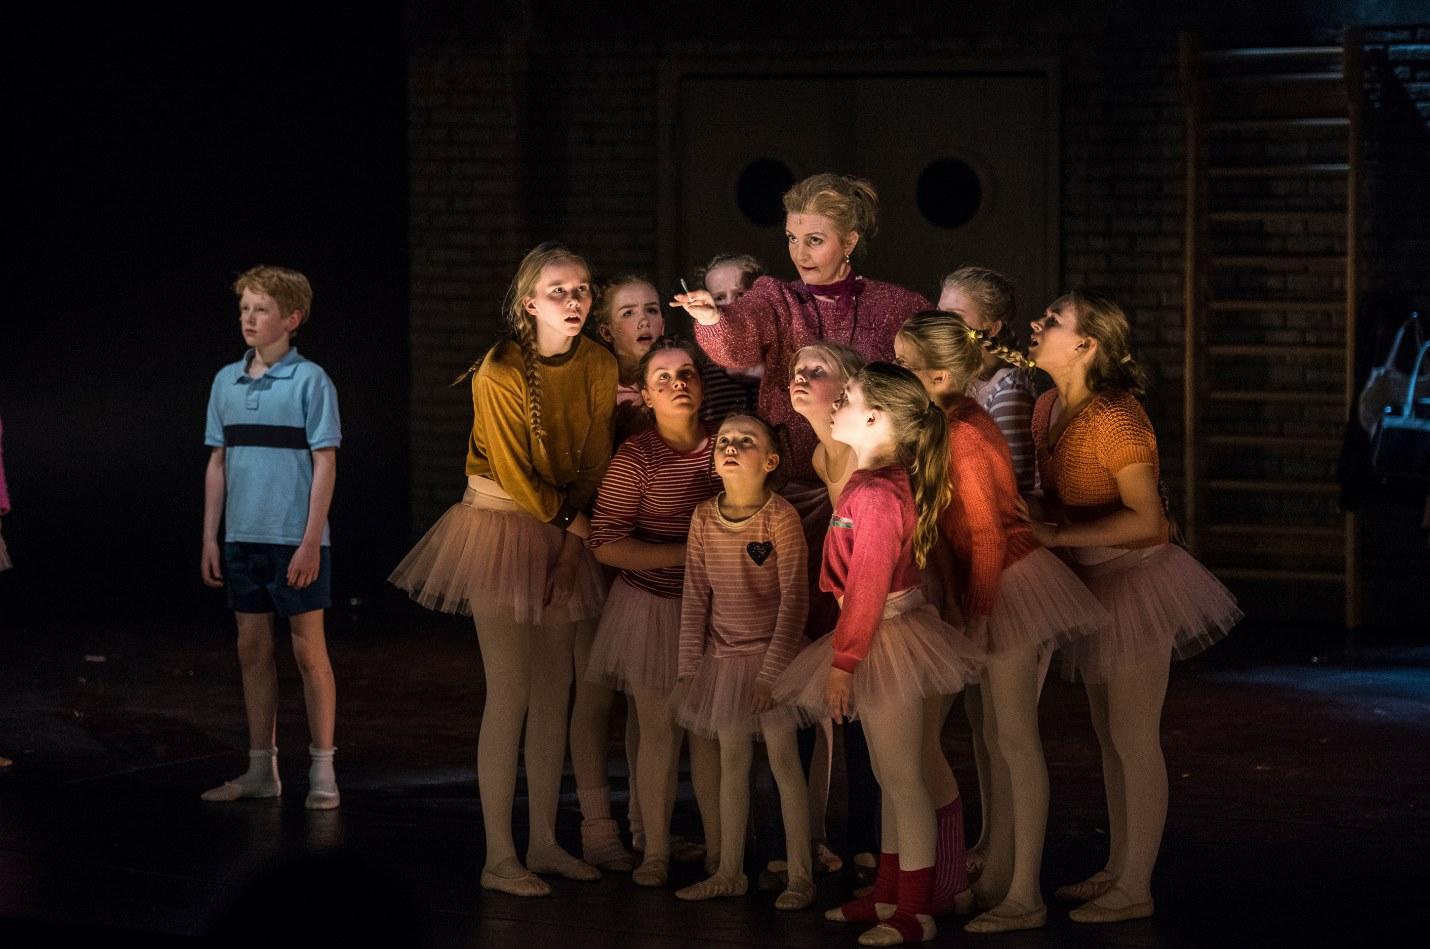 Billy (Hjörtur Viðar Sigurðarson) Mrs. Wilkinson (Halldóra Geirharðsdóttir) and the Ballet Girls